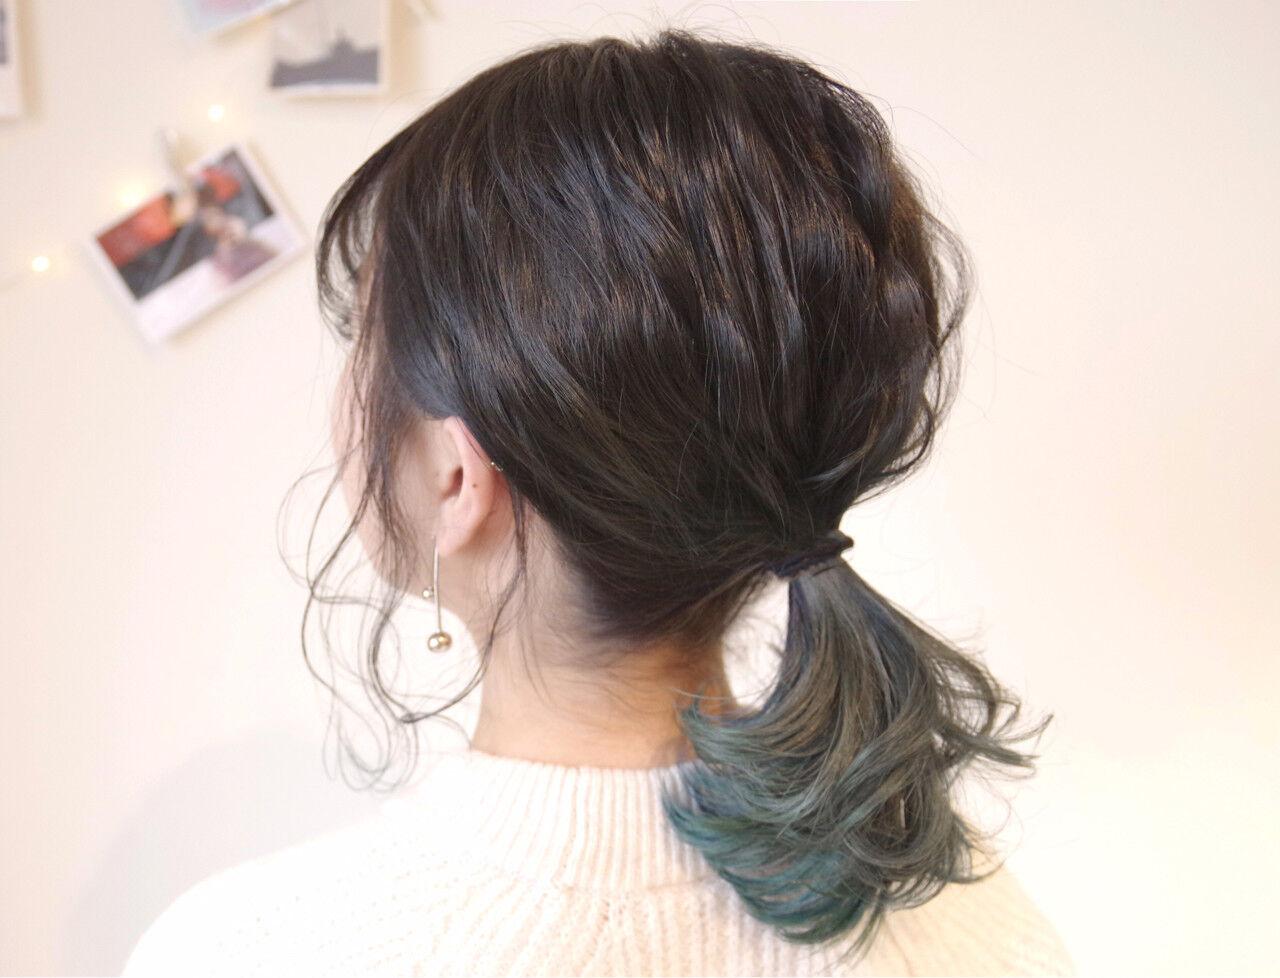 ヘアアレンジ 簡単ヘアアレンジ ミディアム オフィスヘアスタイルや髪型の写真・画像